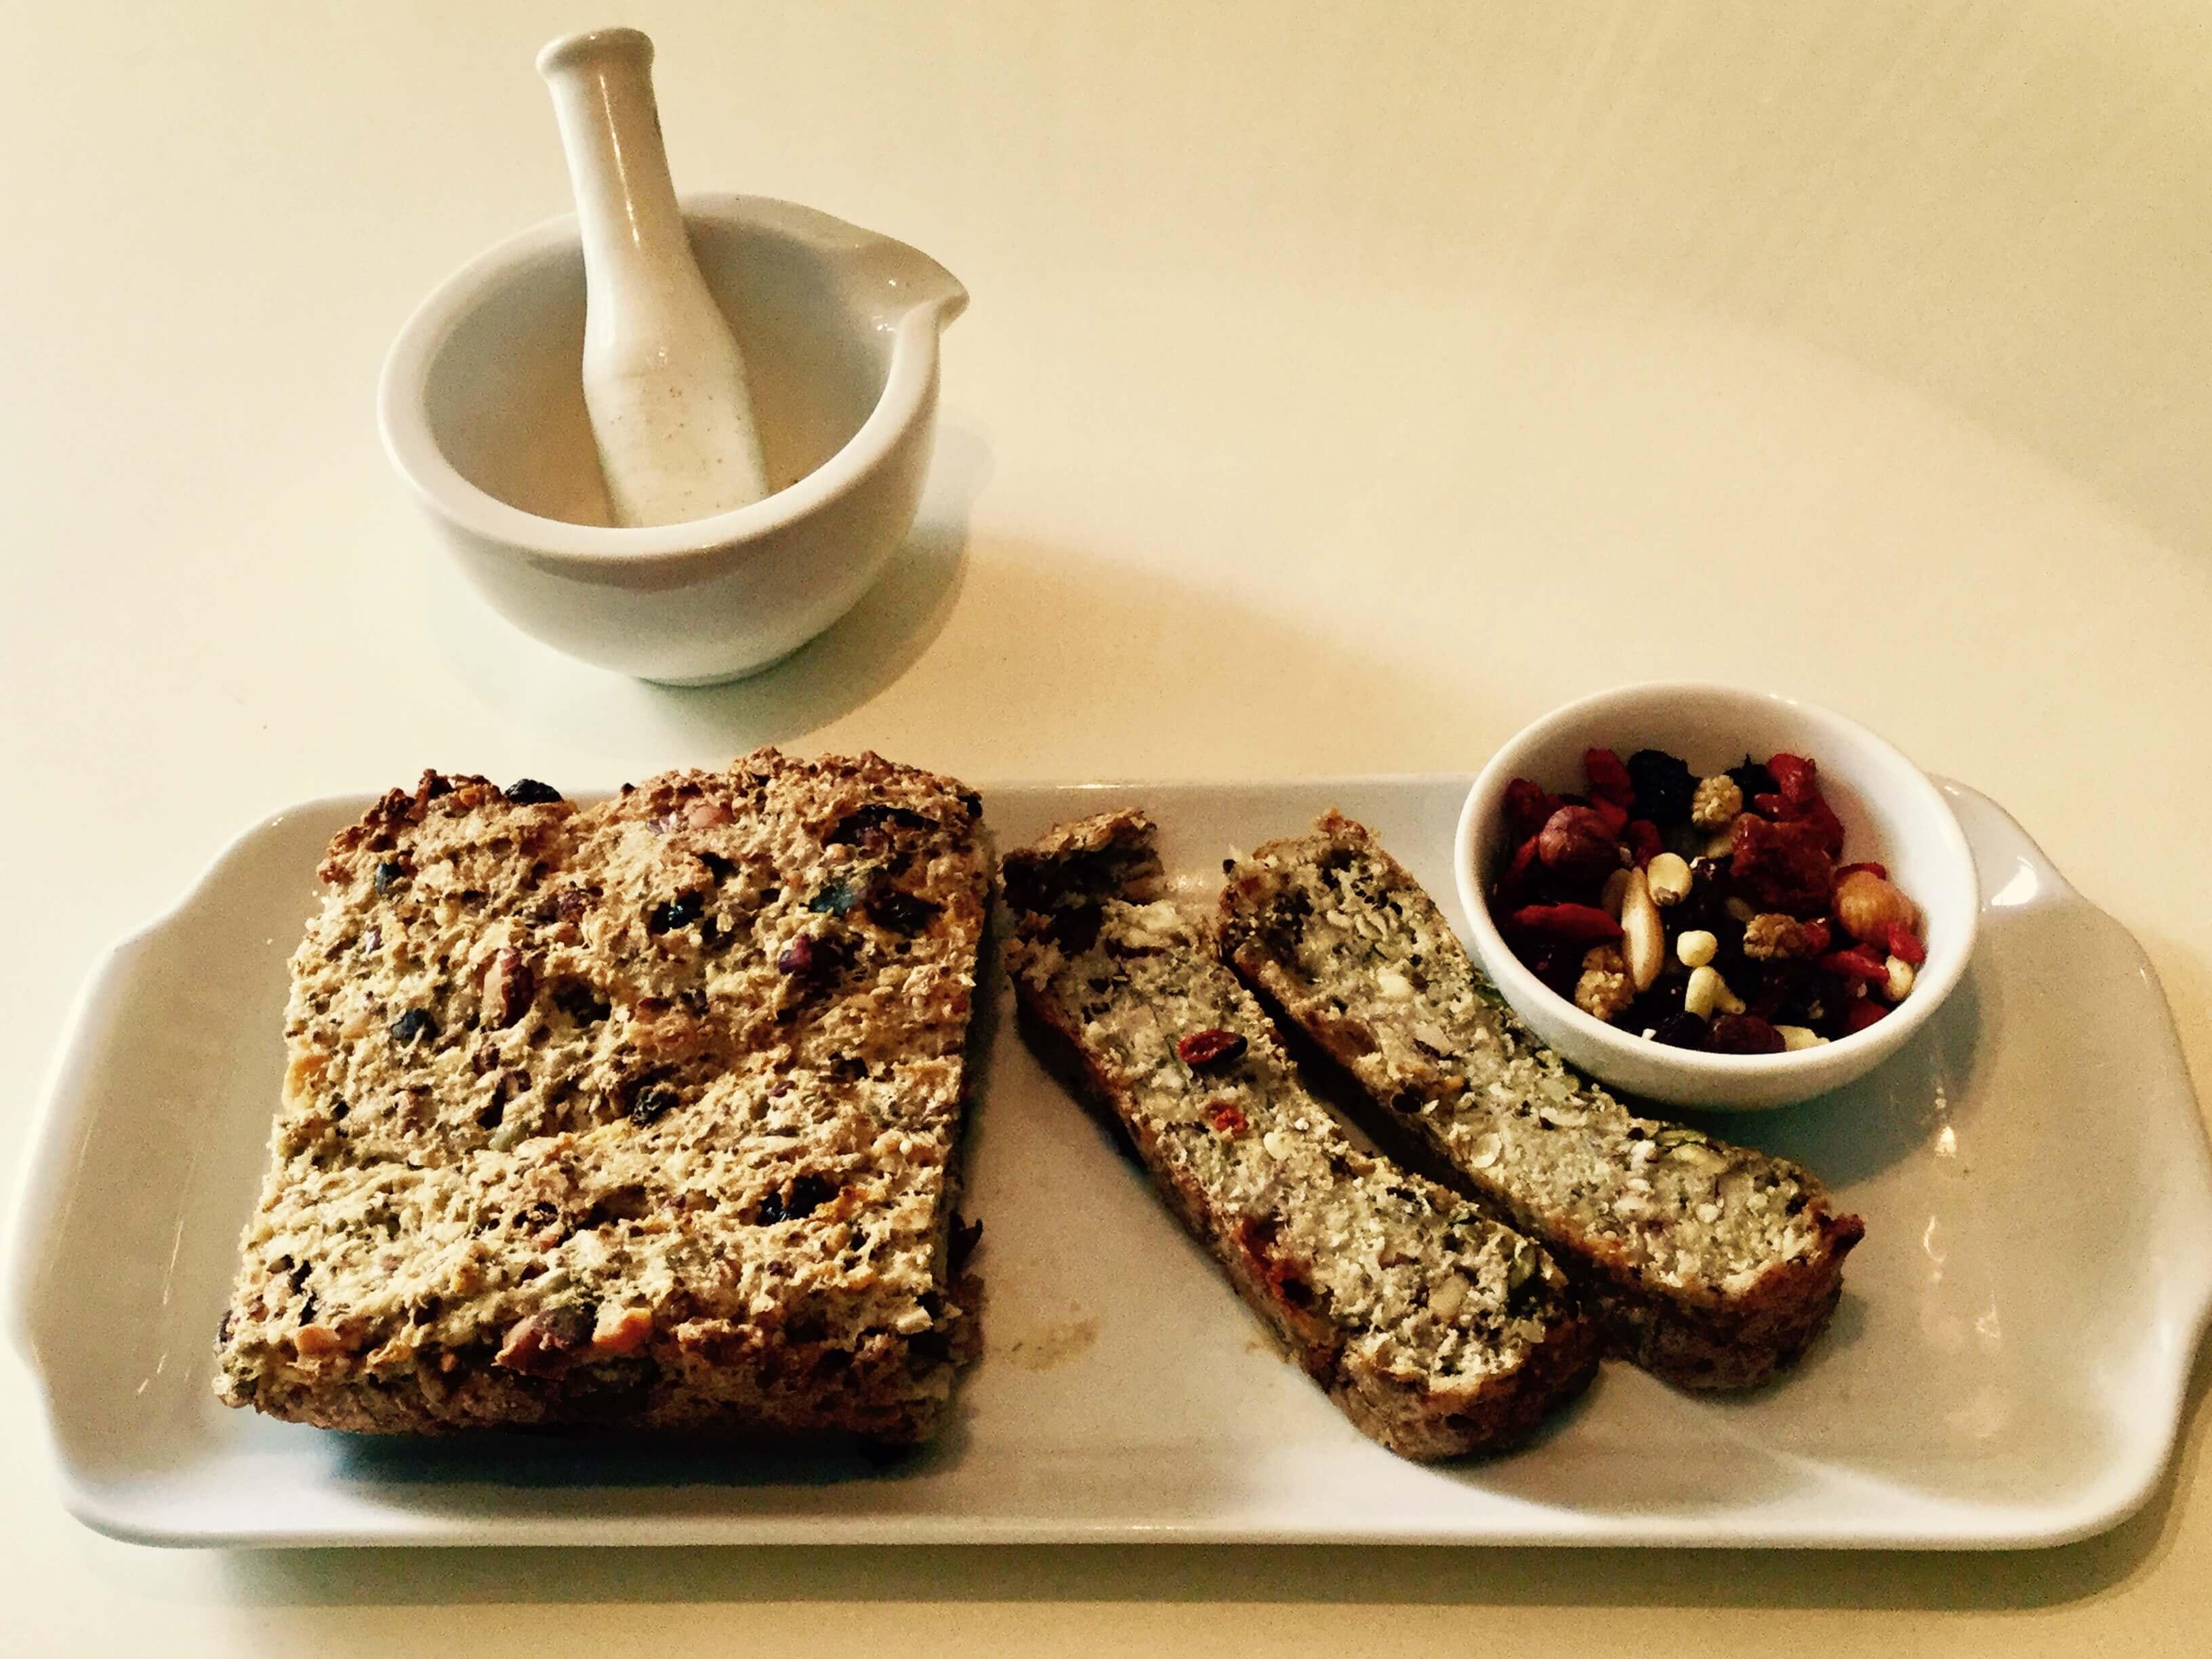 Recettes minceur- pain aux graines sans gluten IG bas